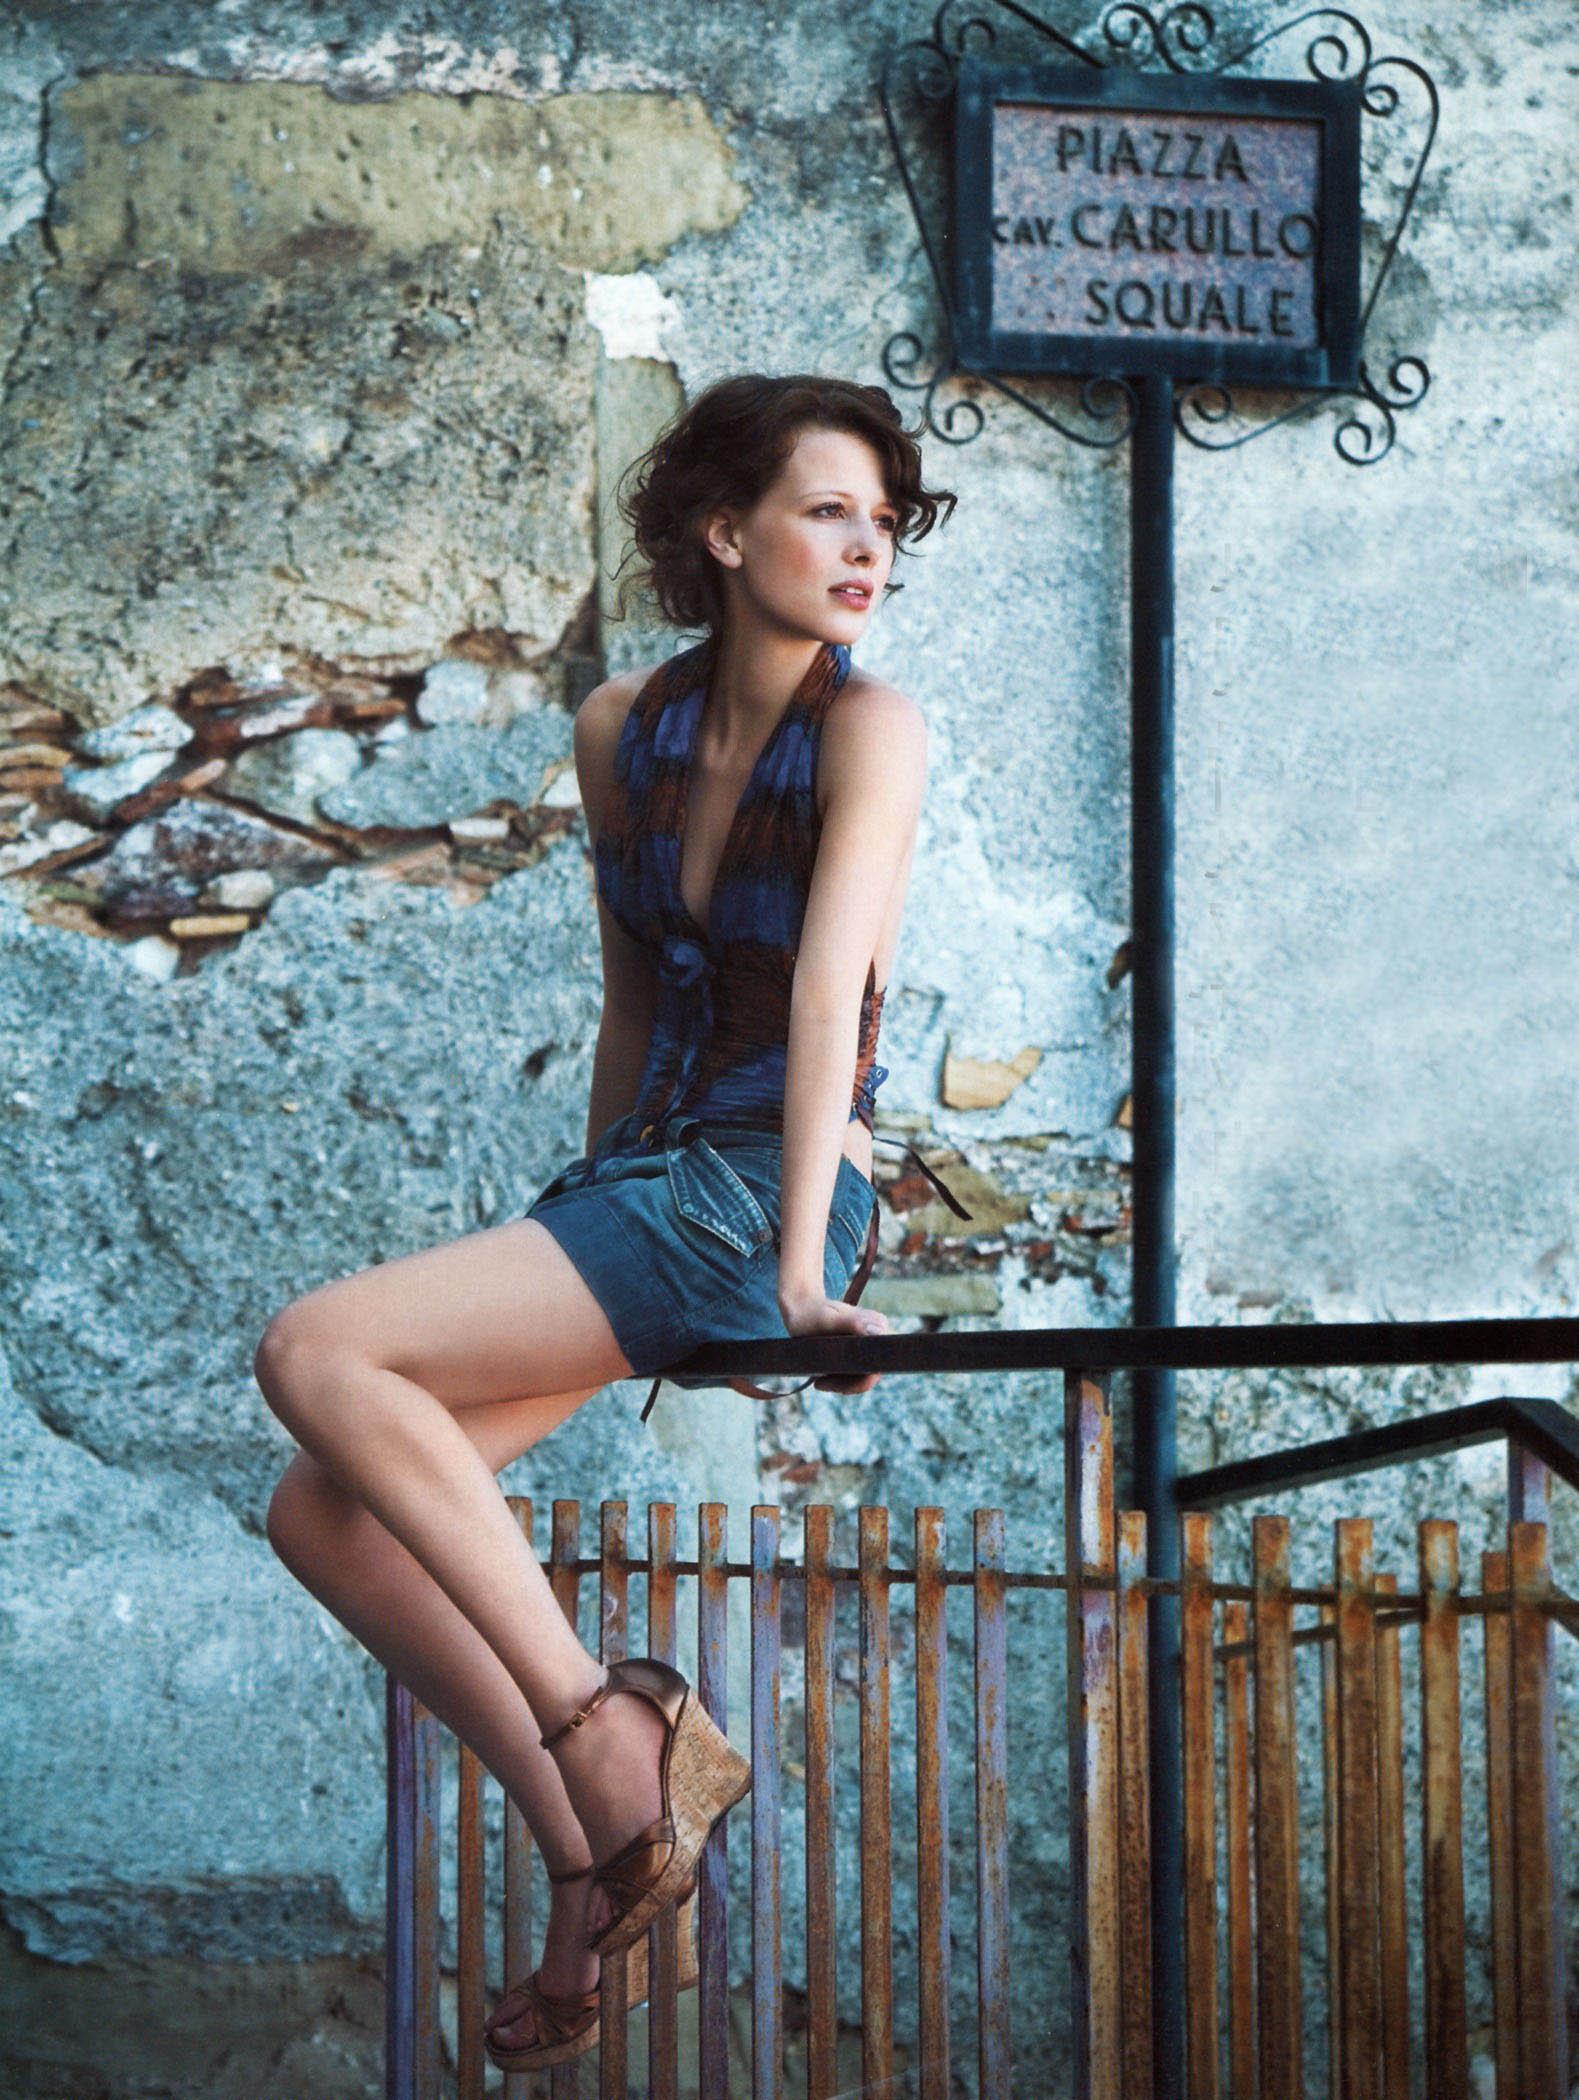 Karolina Gruszka's Feet Emma Watson Imdb